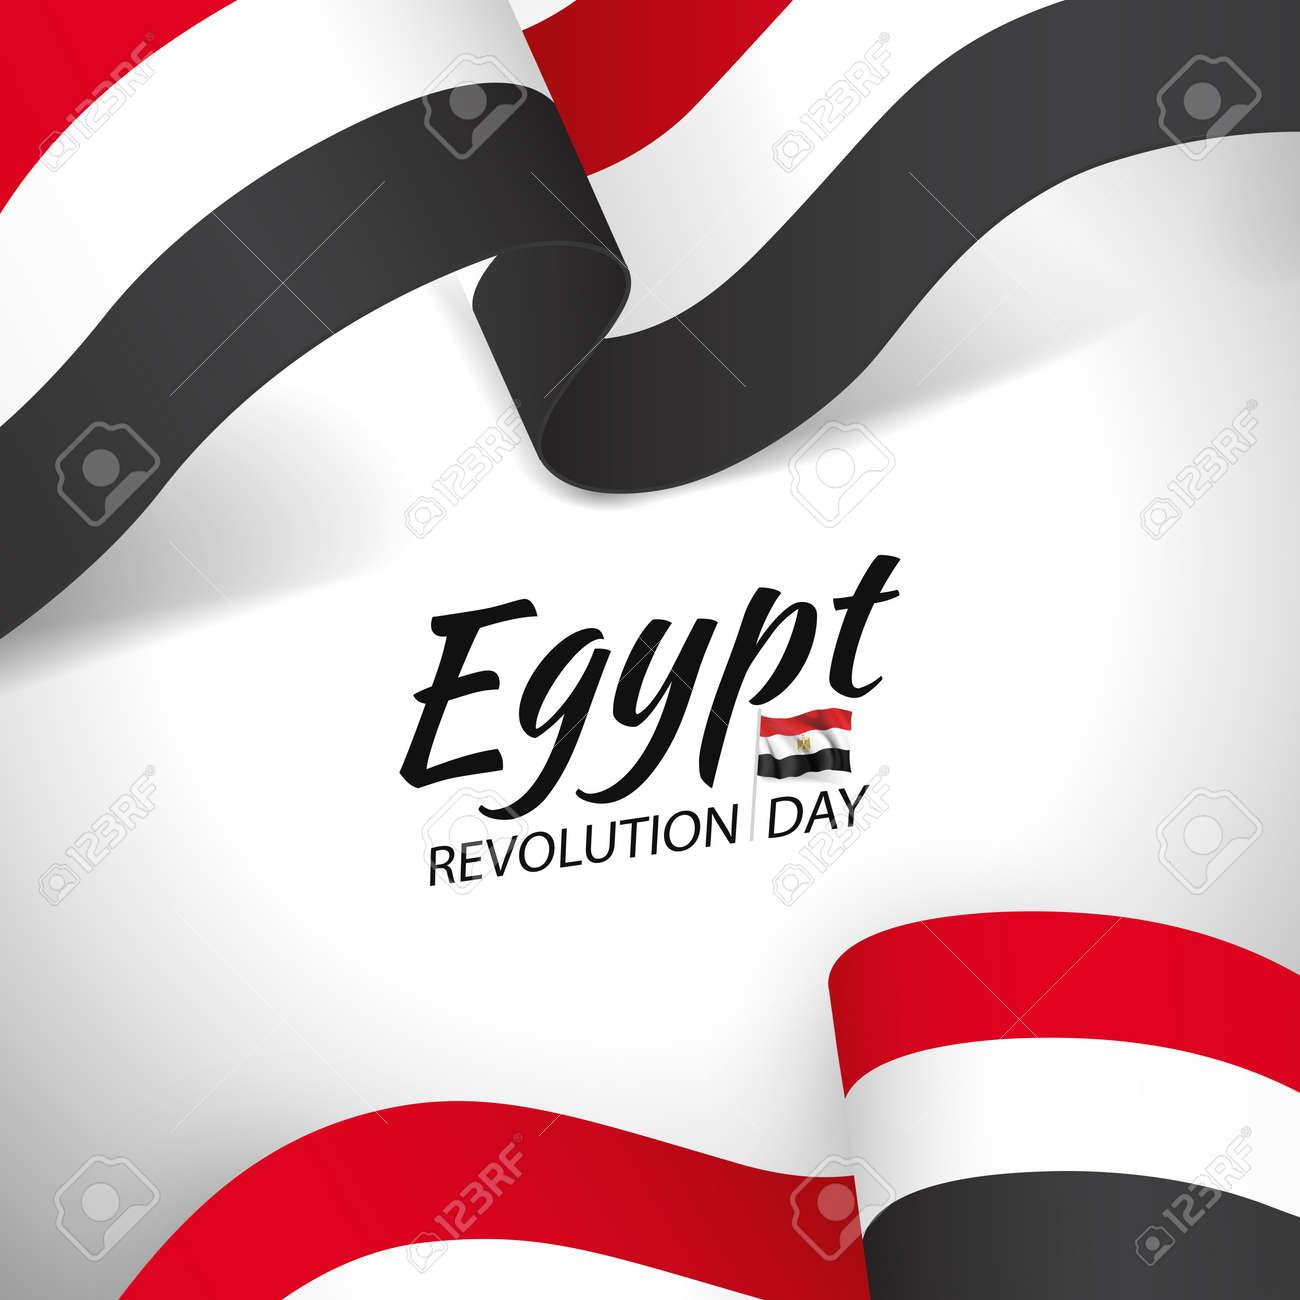 Vector Illustration of Revolution Day Egypt. - 170364549